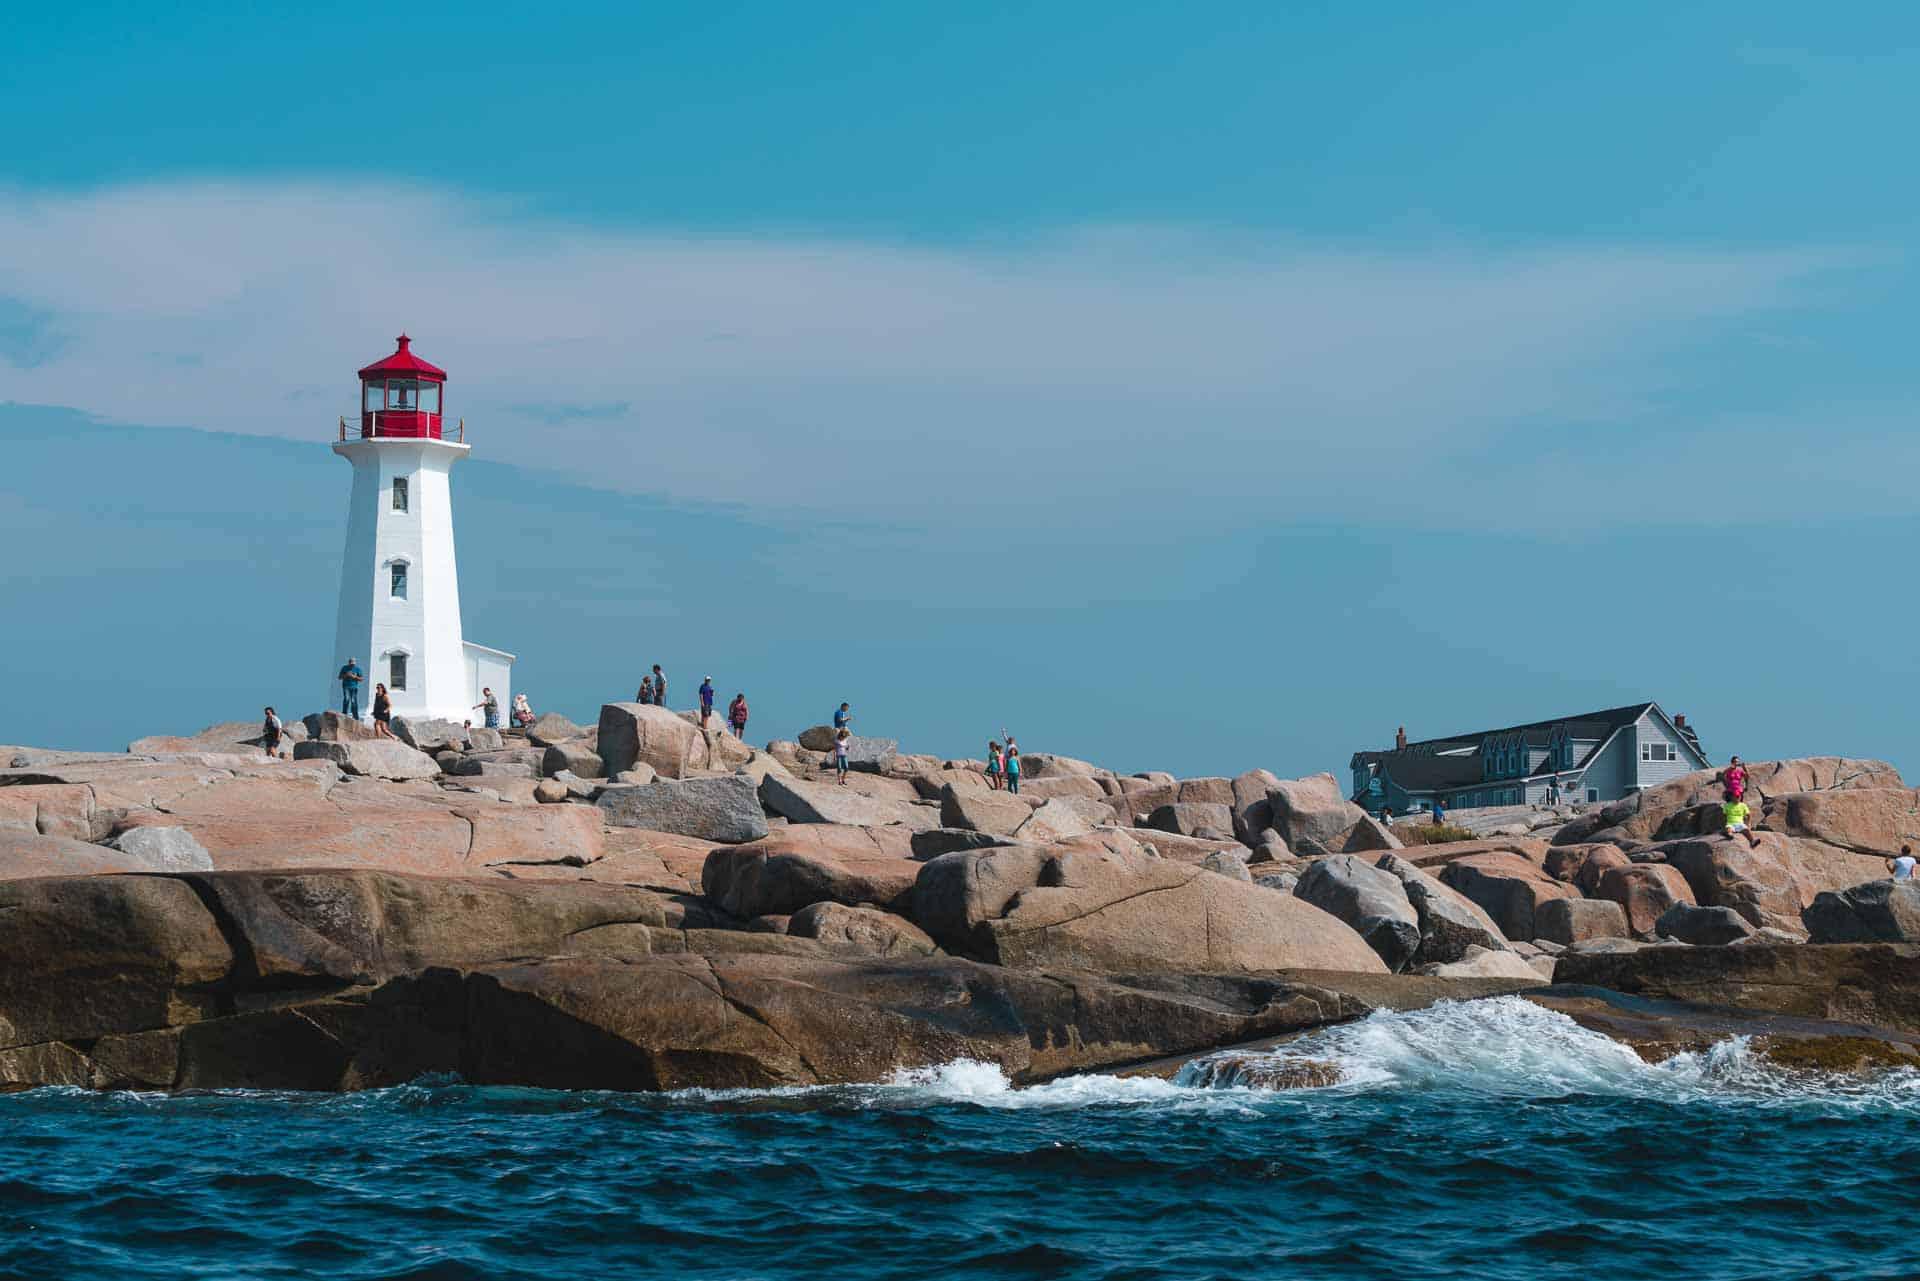 Peggy's cove Boat Tour in Nova Scotia